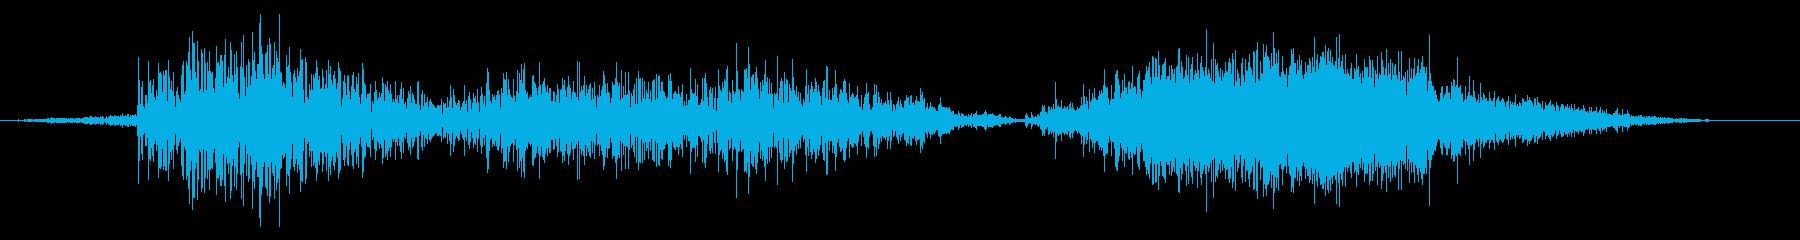 スネーク モンスター ダメージ 中の再生済みの波形